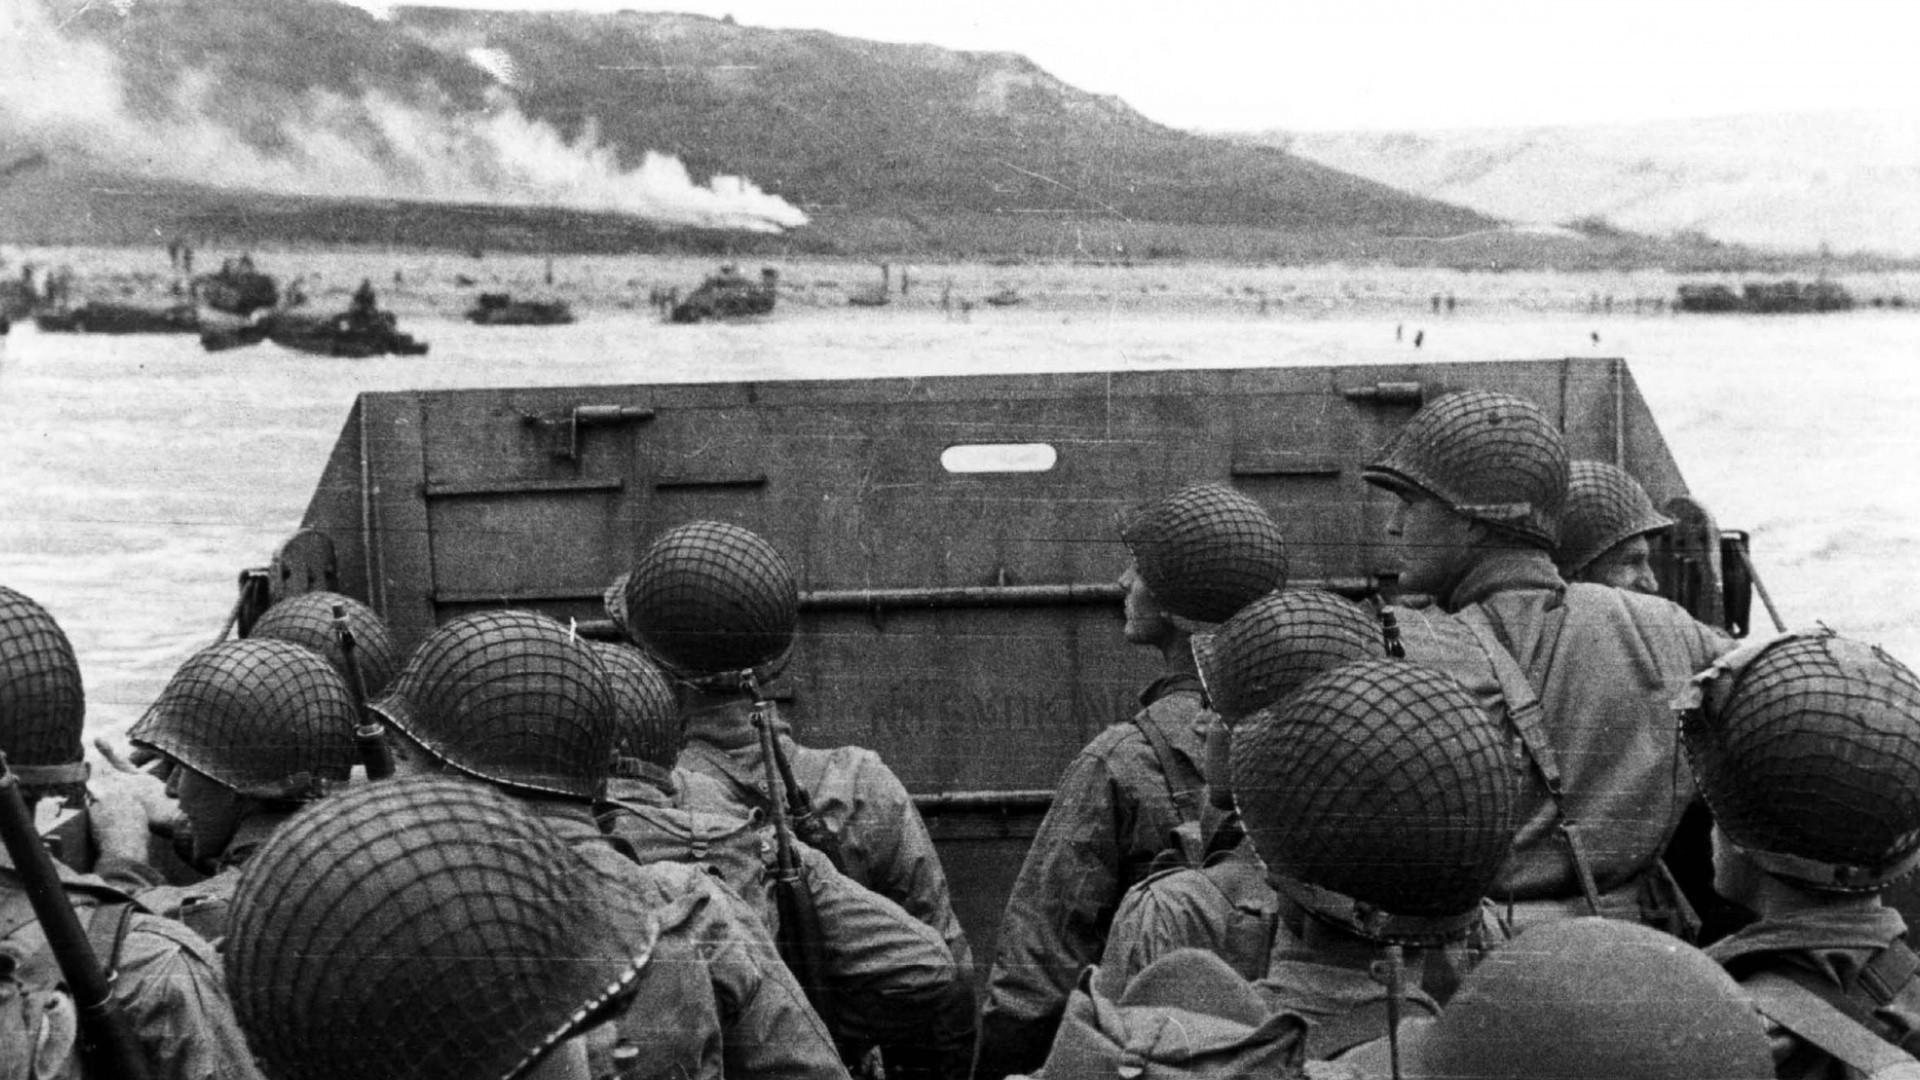 Hintergrundbilder Einfarbig Fahrzeug Krieg Soldat Militar